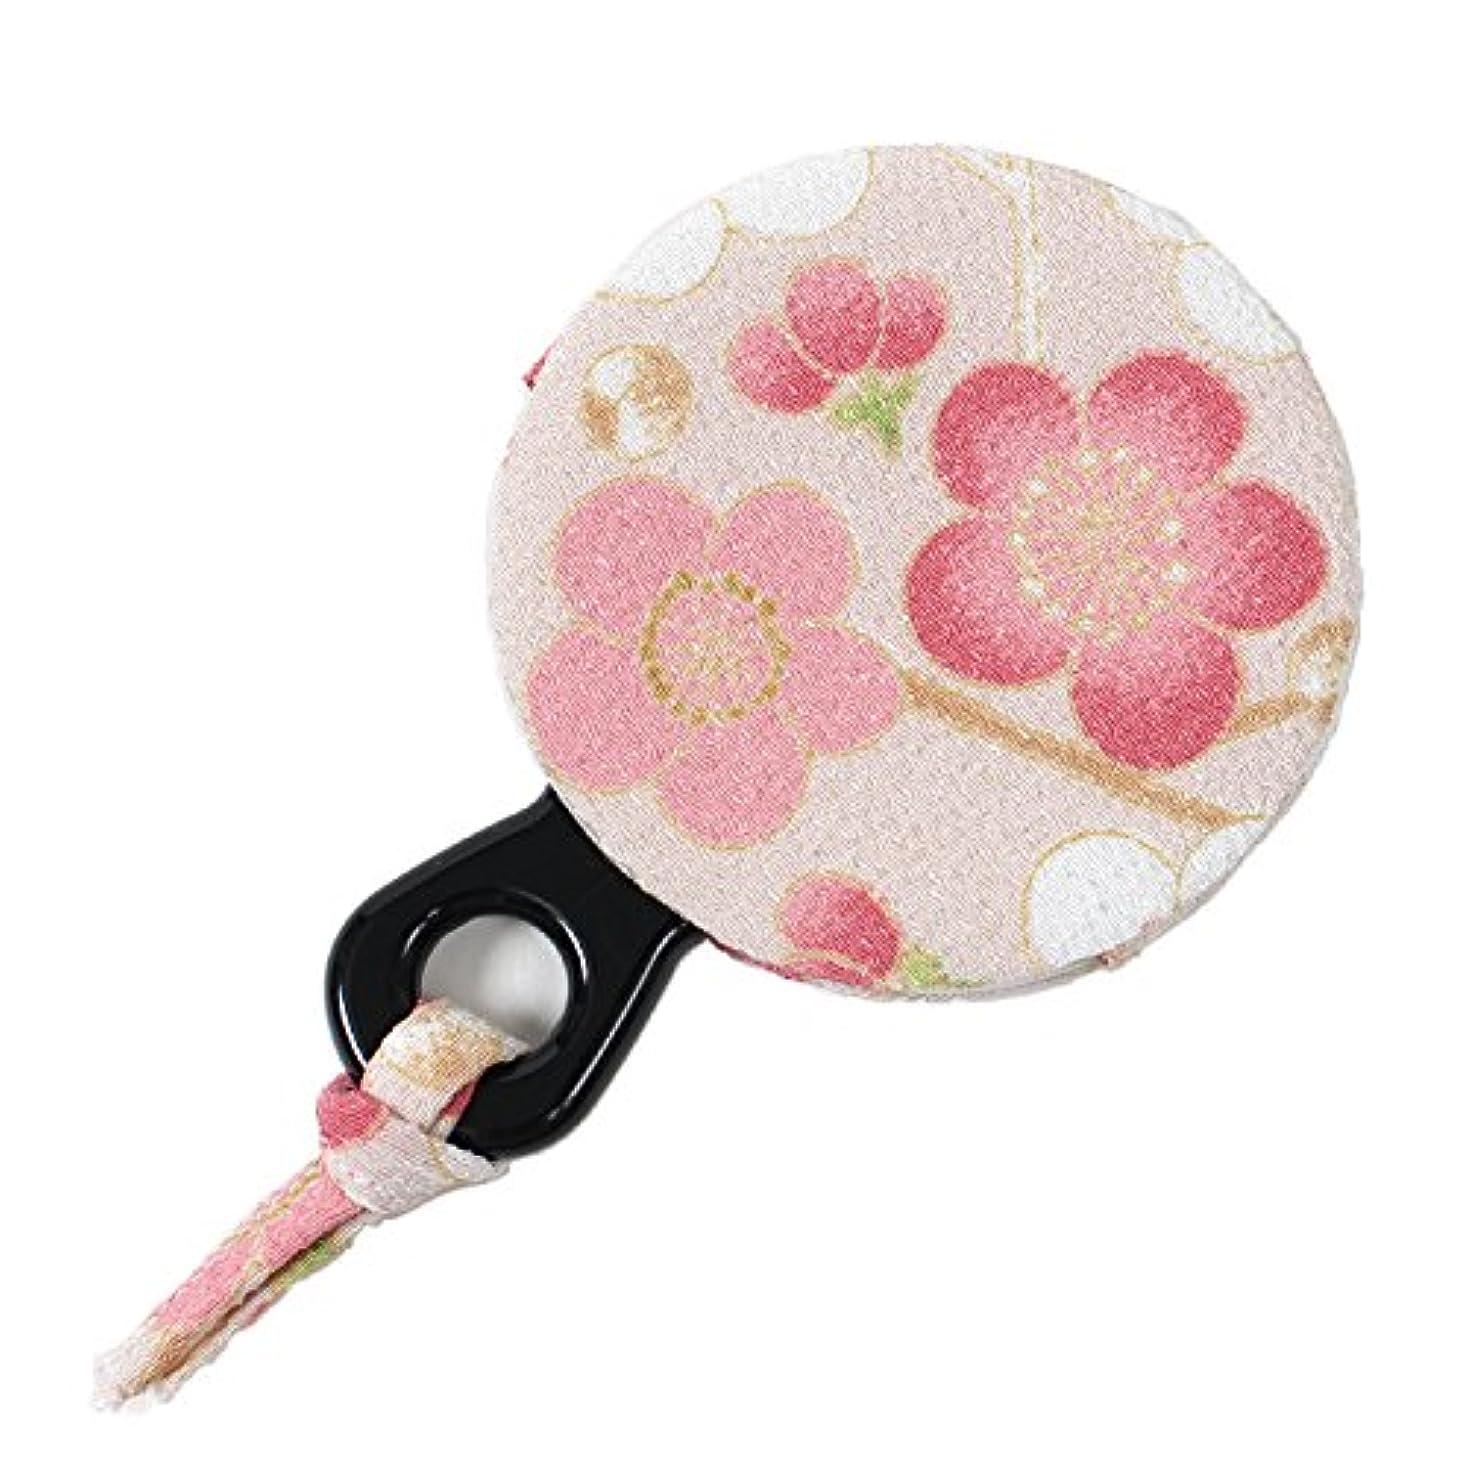 汚れる高度隠された小紋工房 手鏡 モダン梅(ピンク) 二越ちりめん 京都 和KOMONO 江戸小紋 1304